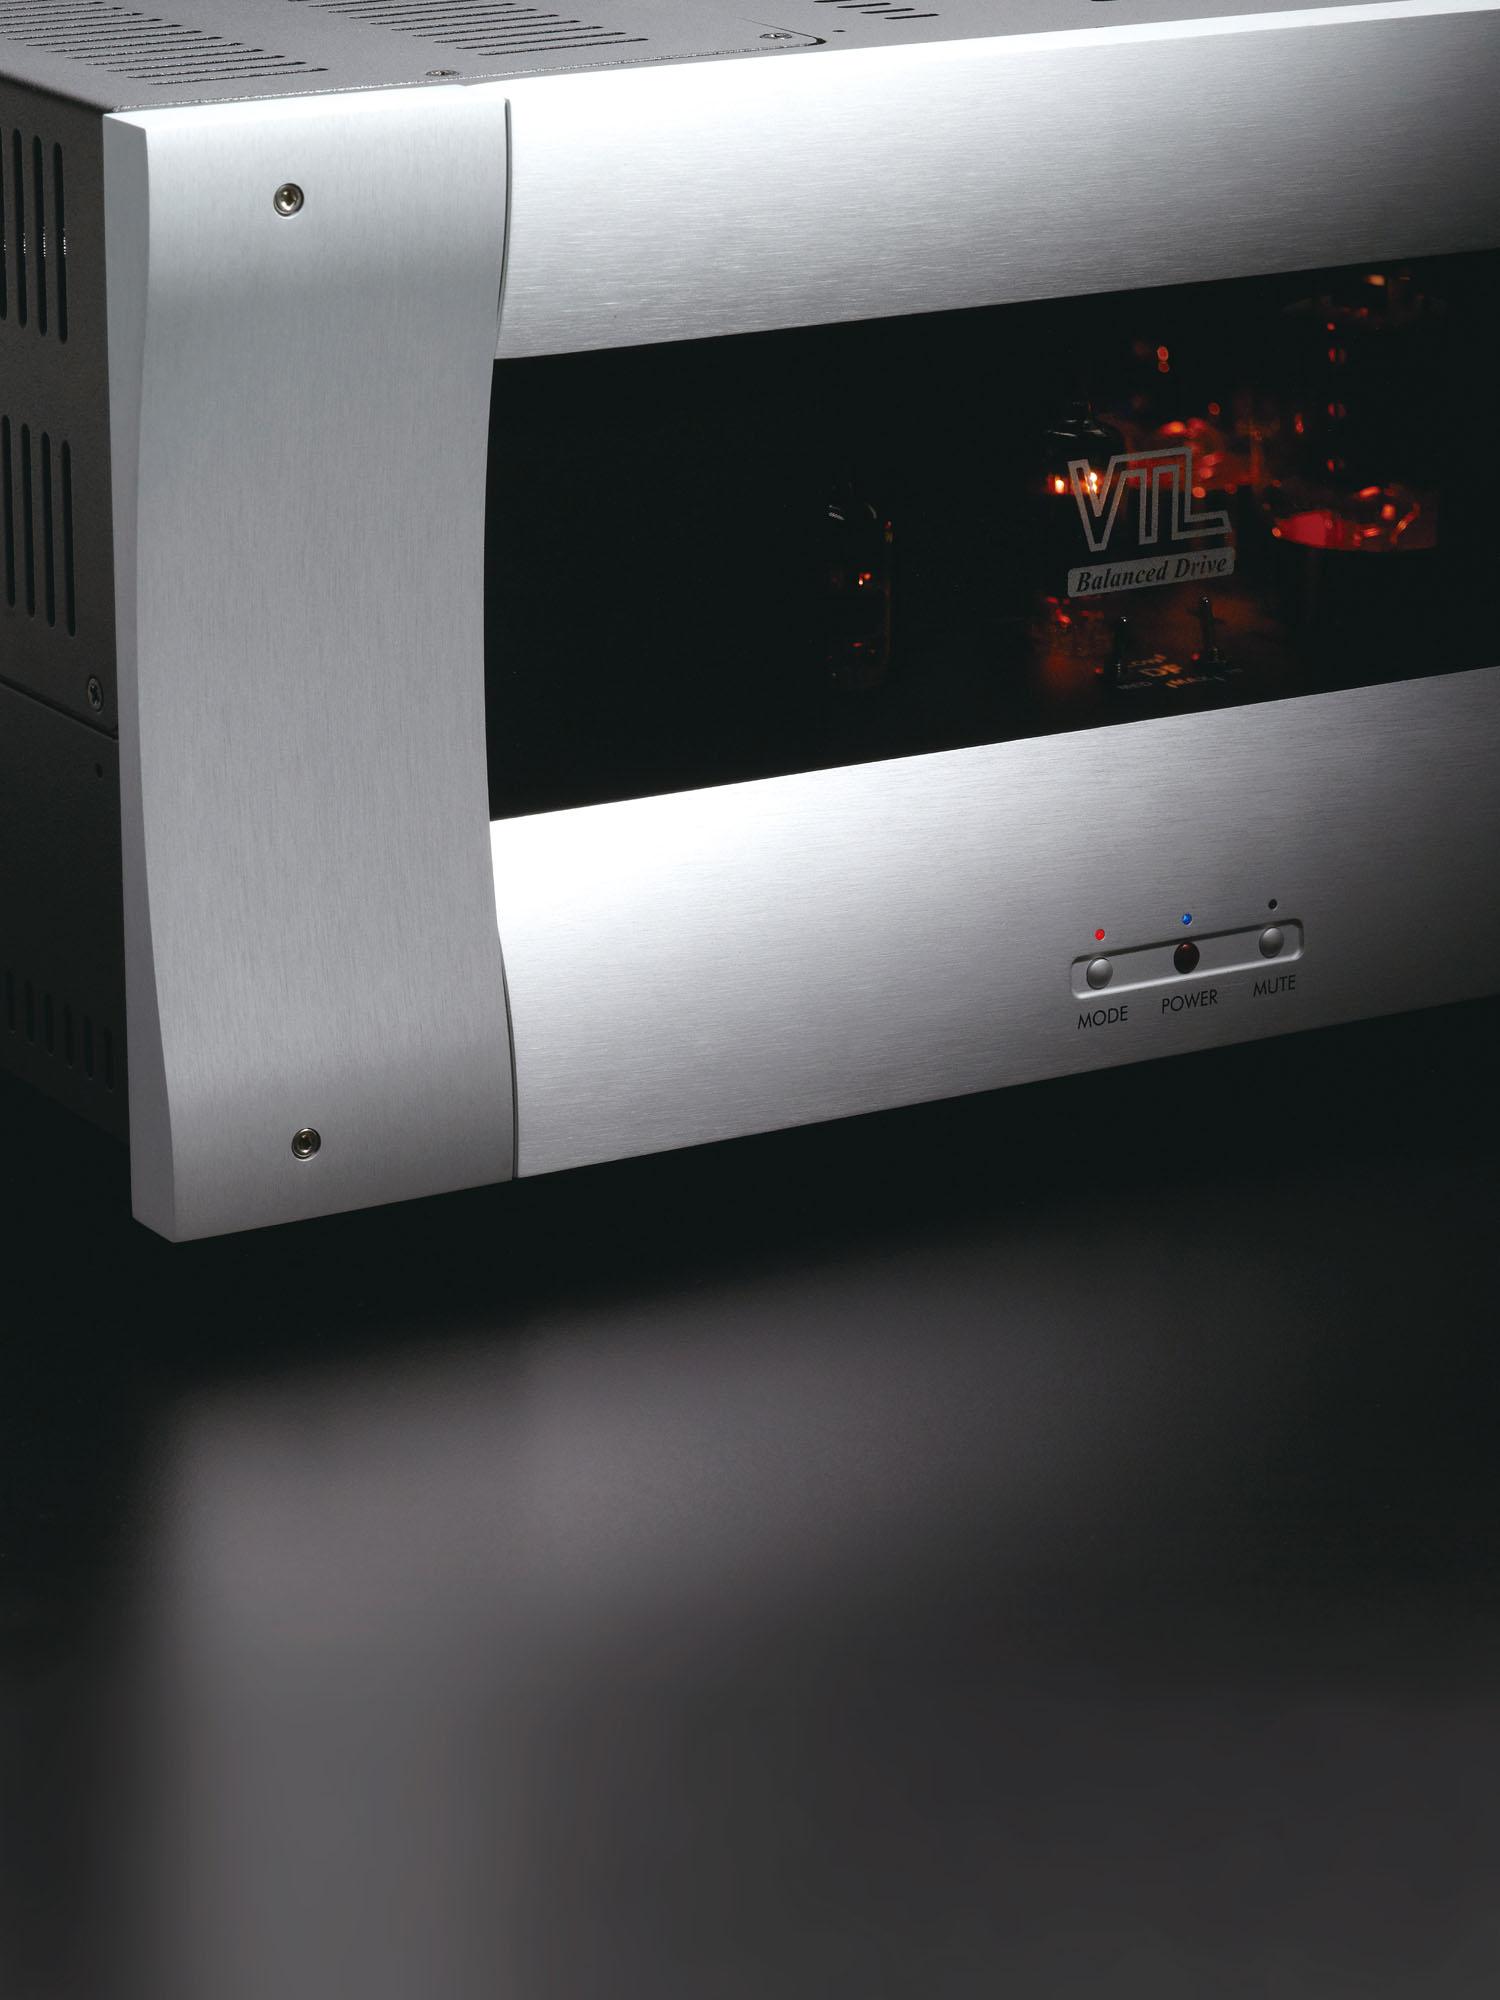 VTL MB-450 Series III Monoblock Power Amplifier